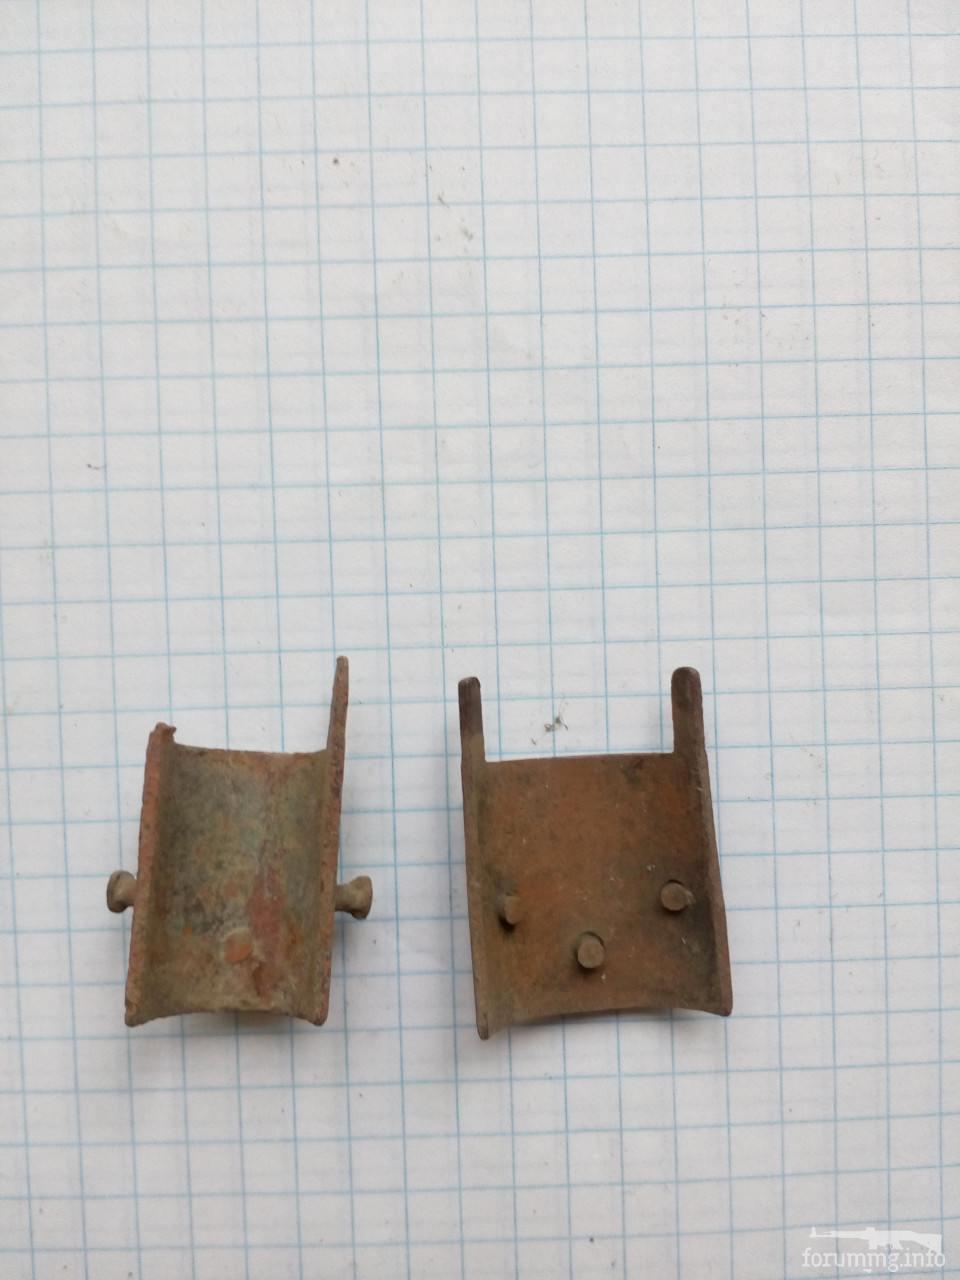 120201 - Наконечники с заклепками ствольной накладки винтовки Мосина образца 1891 года